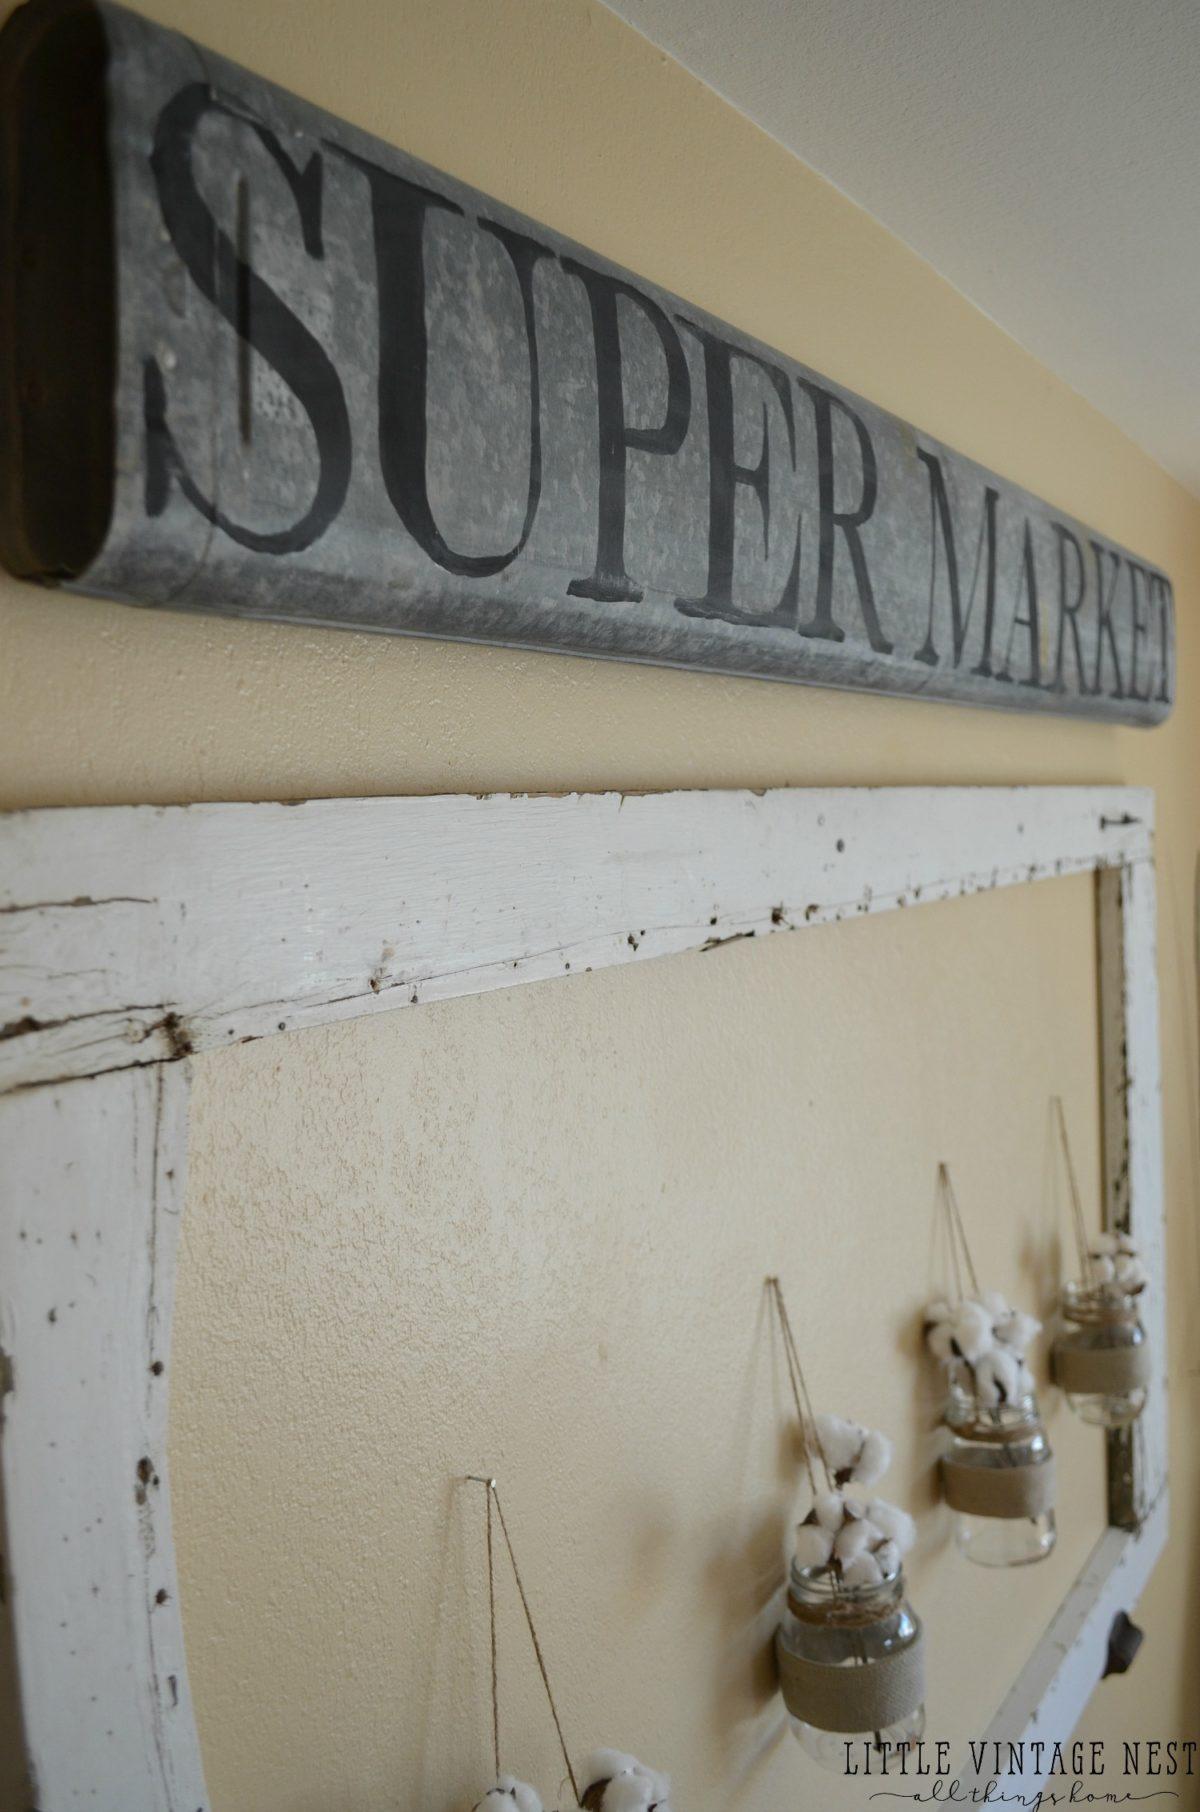 Easy and Fast DIY Super Market Sign DIY